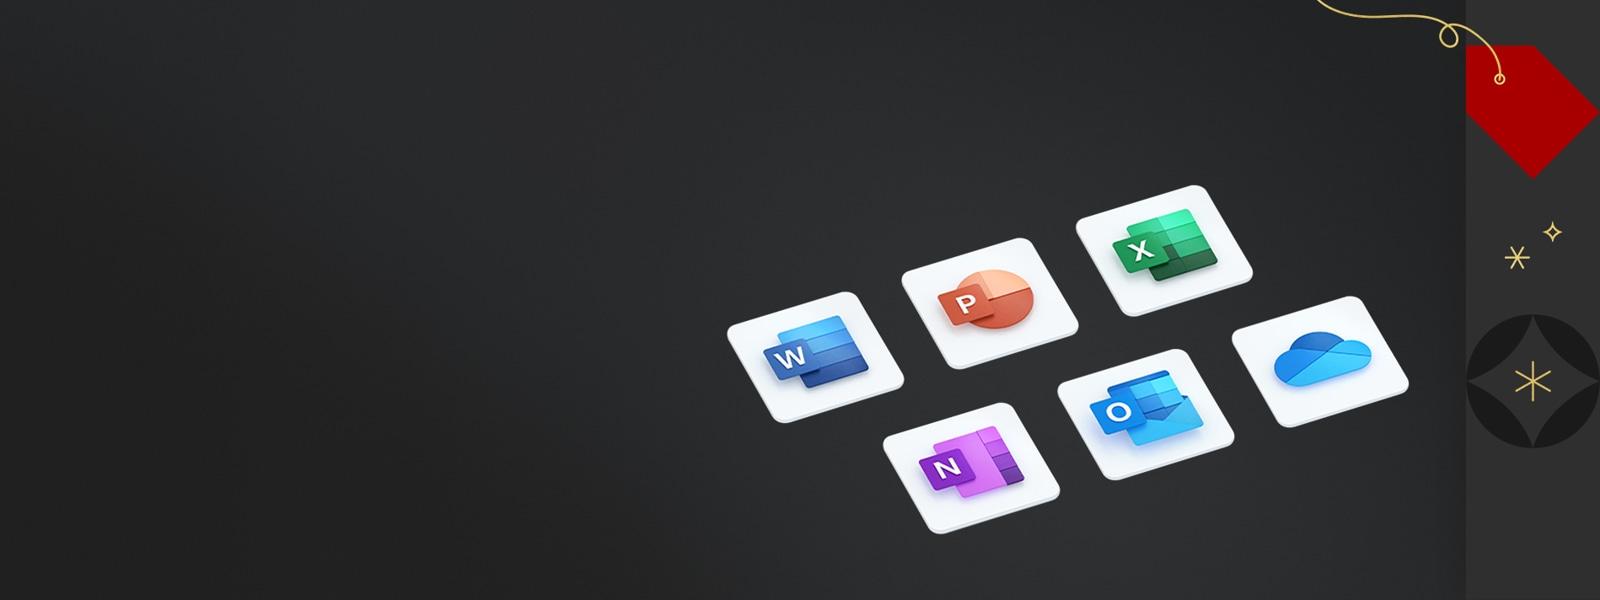 Iconos de aplicaciones Word, PowerPoint, Excel, OneNote, Outlook y OneDrive